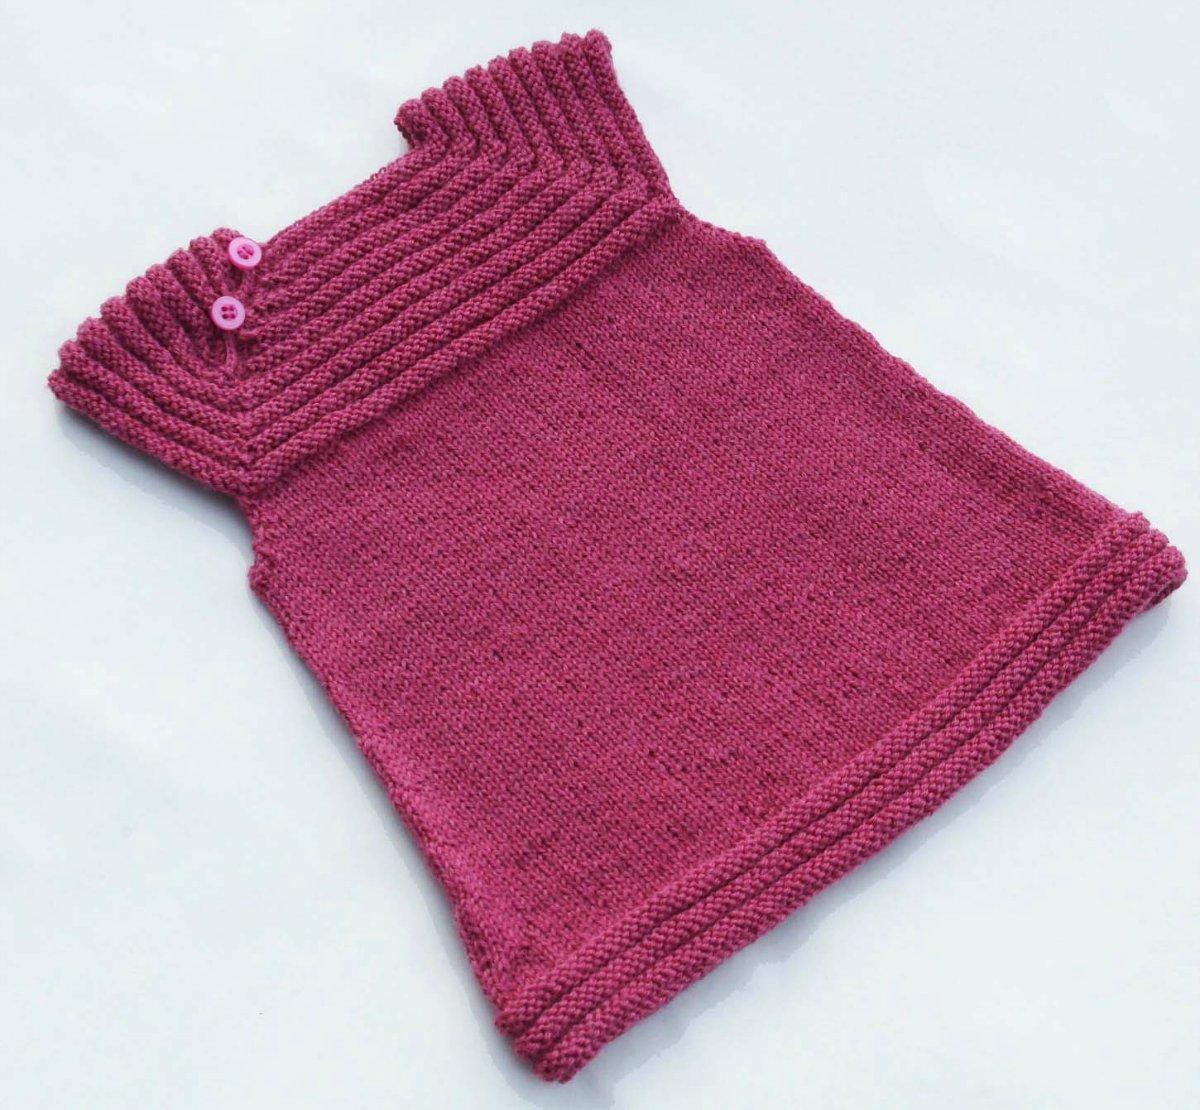 вязание красивых детских и женских платьев спицами пошагово со